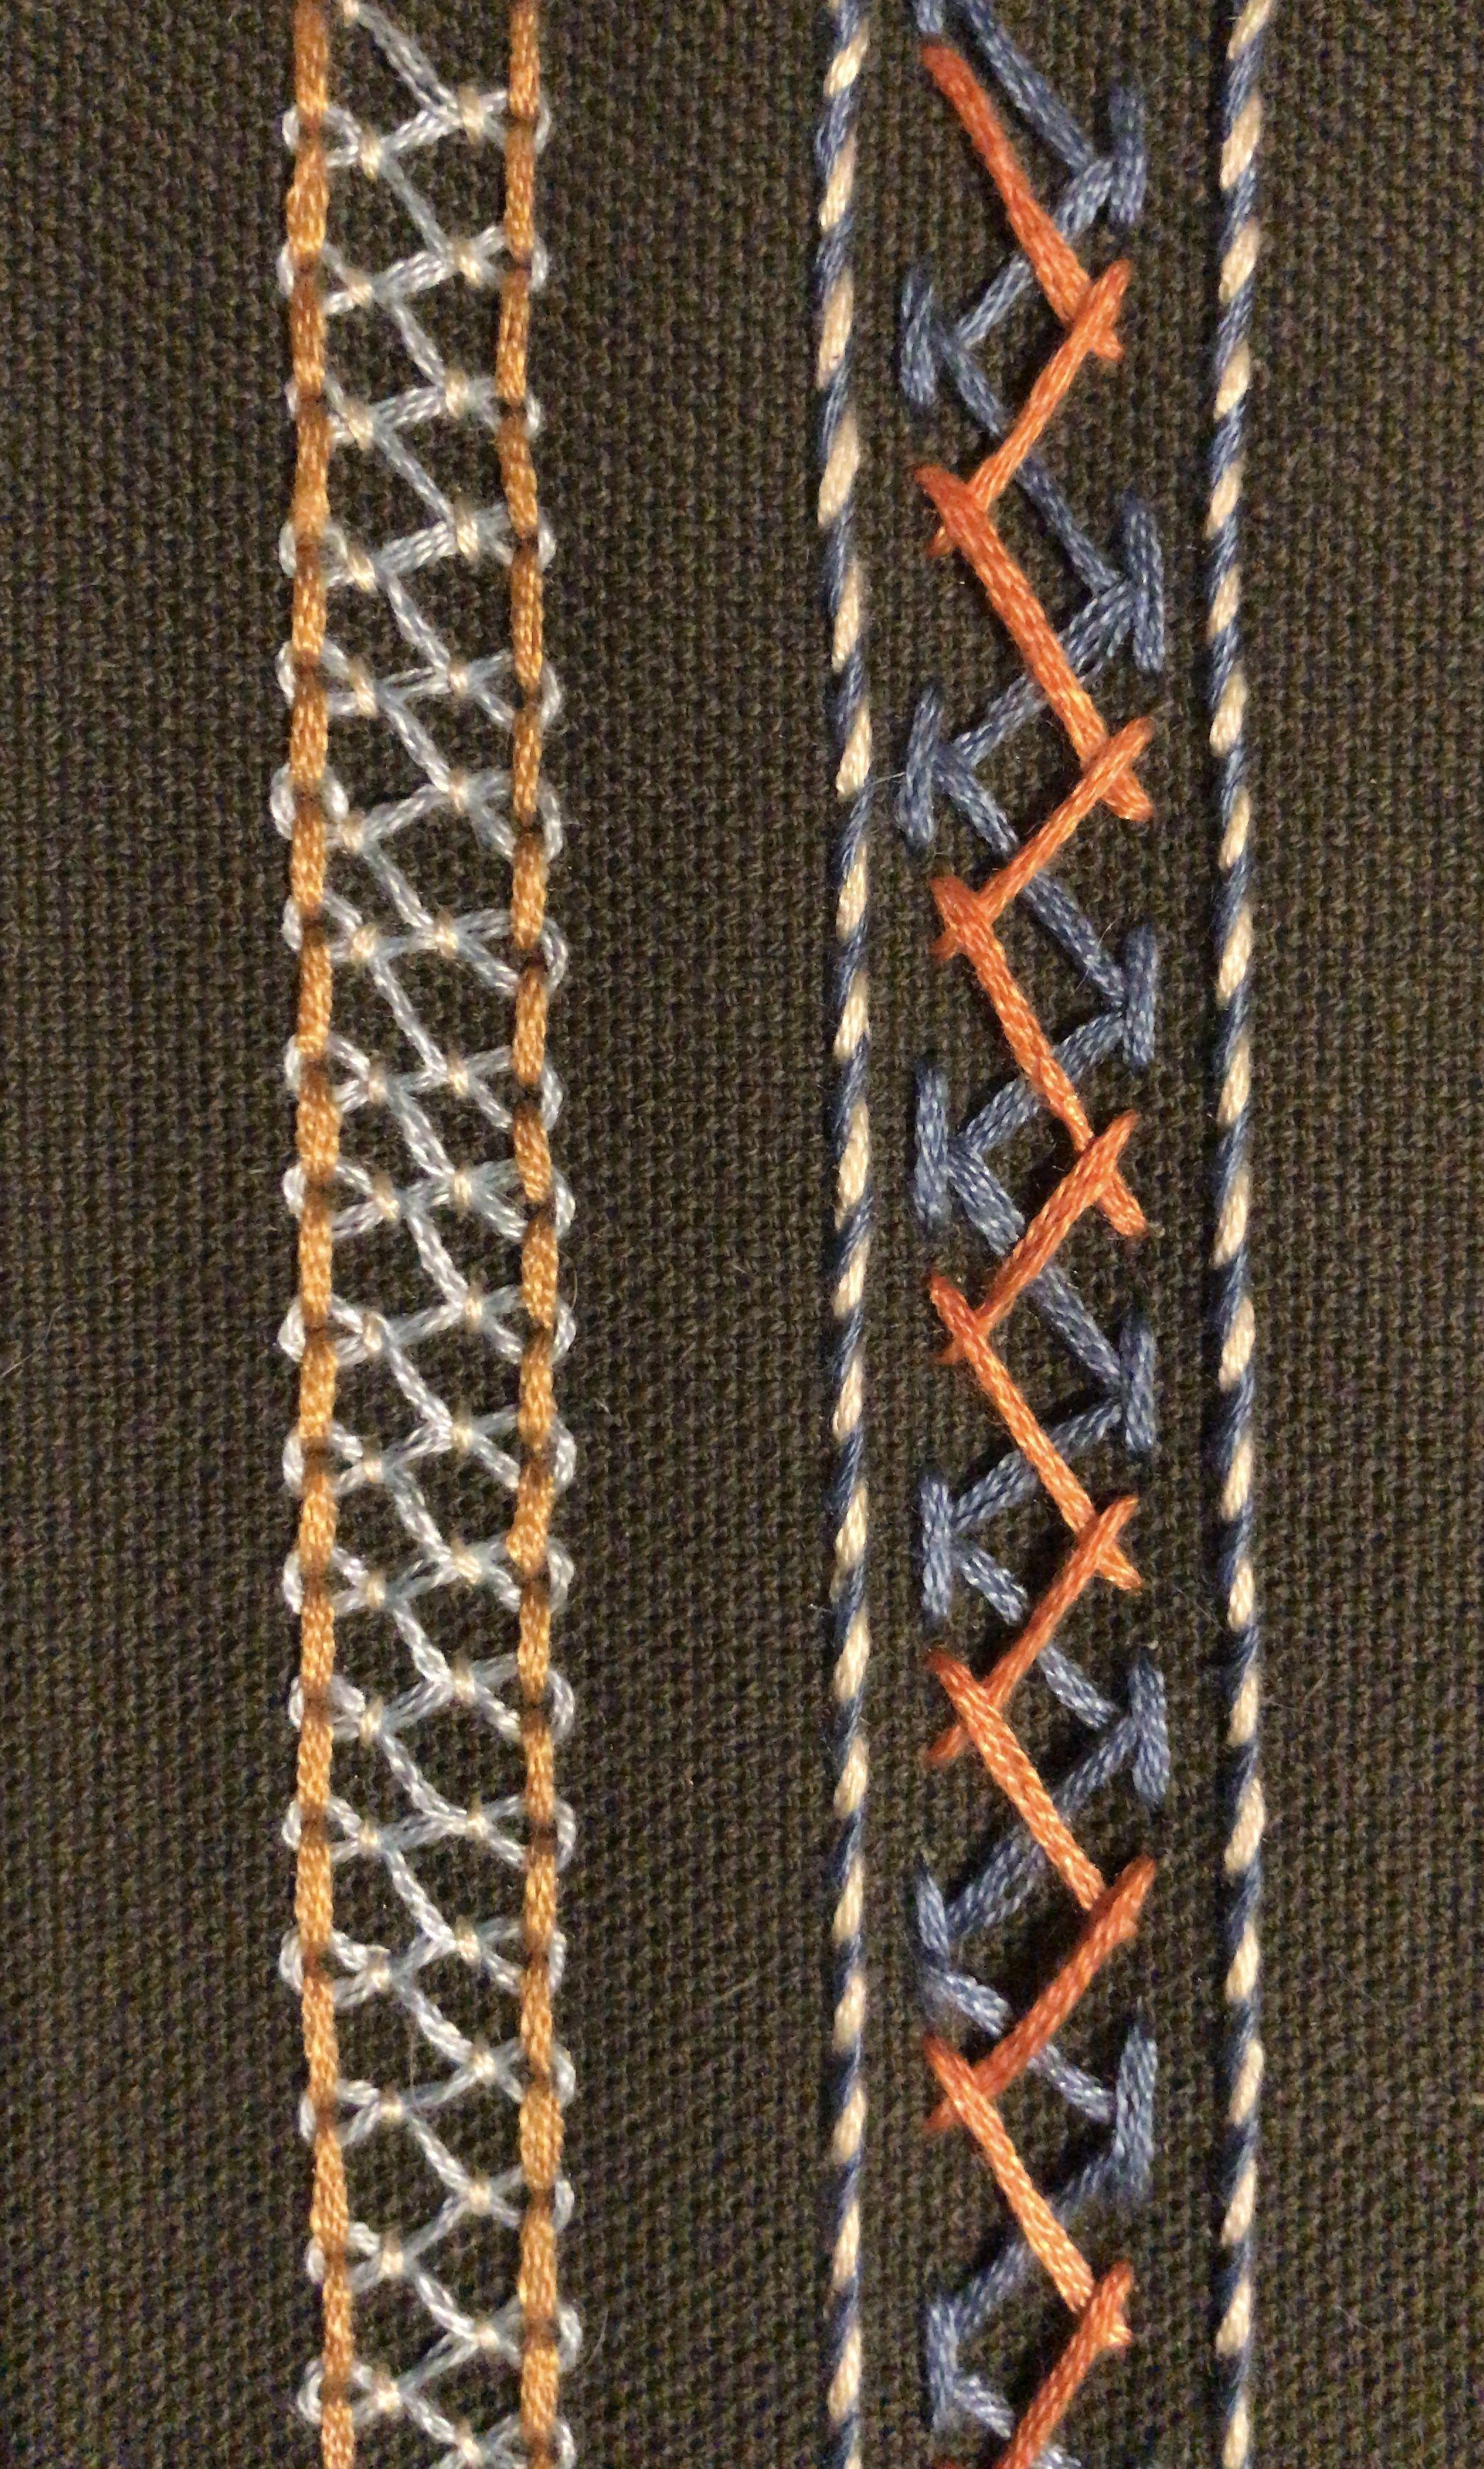 Pin von Marzia auf Embroidery designs   Pinterest   Mittelalter ...